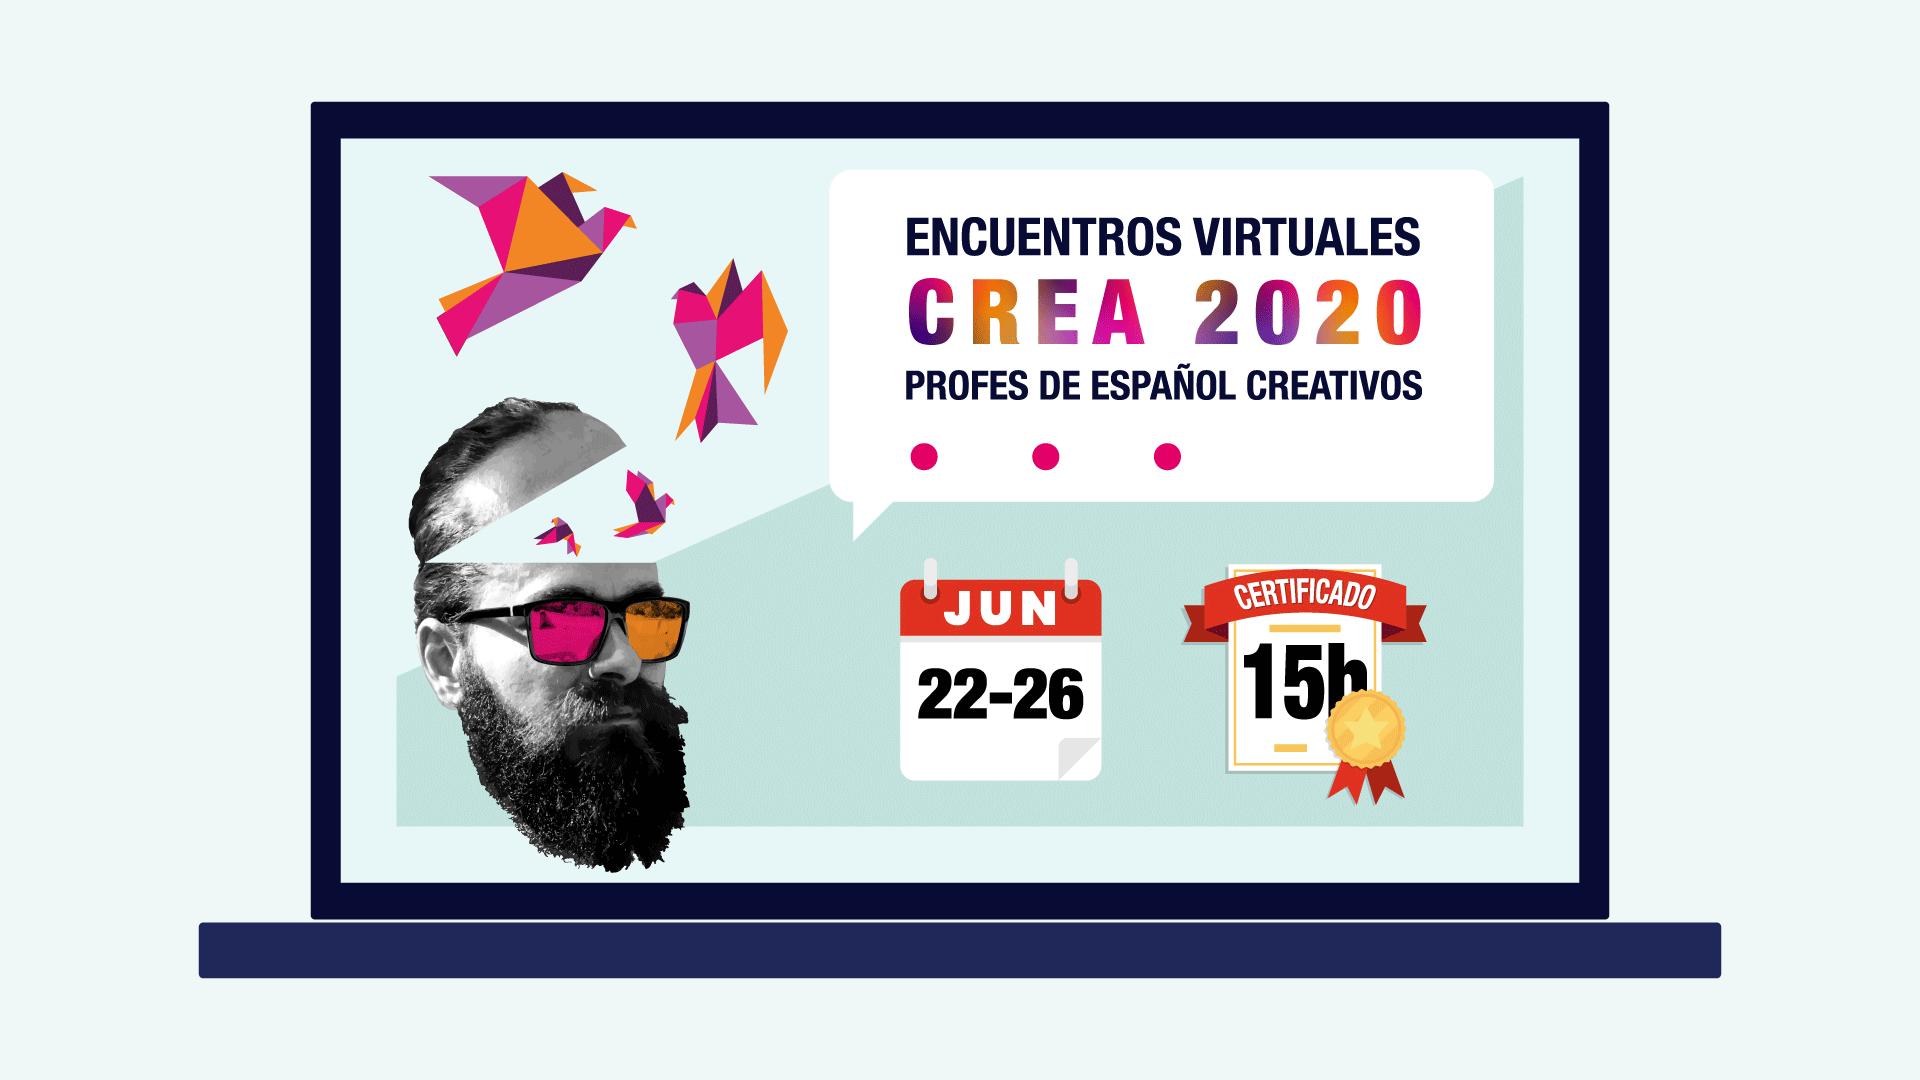 Encuentros virtuales CREA 2020 para profesores de español creativos